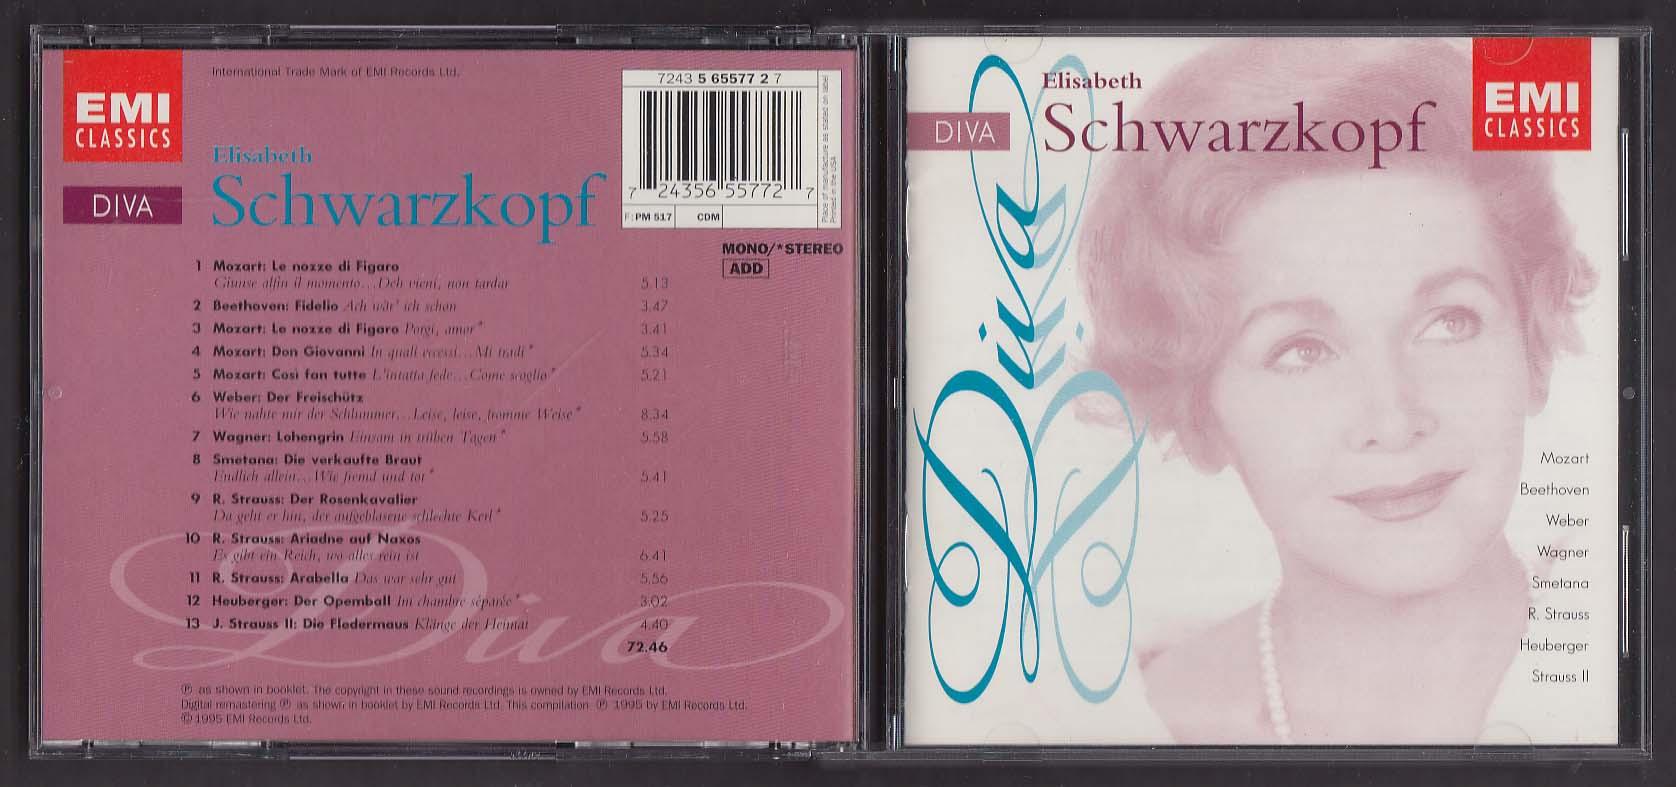 Image for Diva: Elisabeth Schwarzkopf Mozart Beethoven Wagner EMI 7243 5 65577 2 7 CD 1995